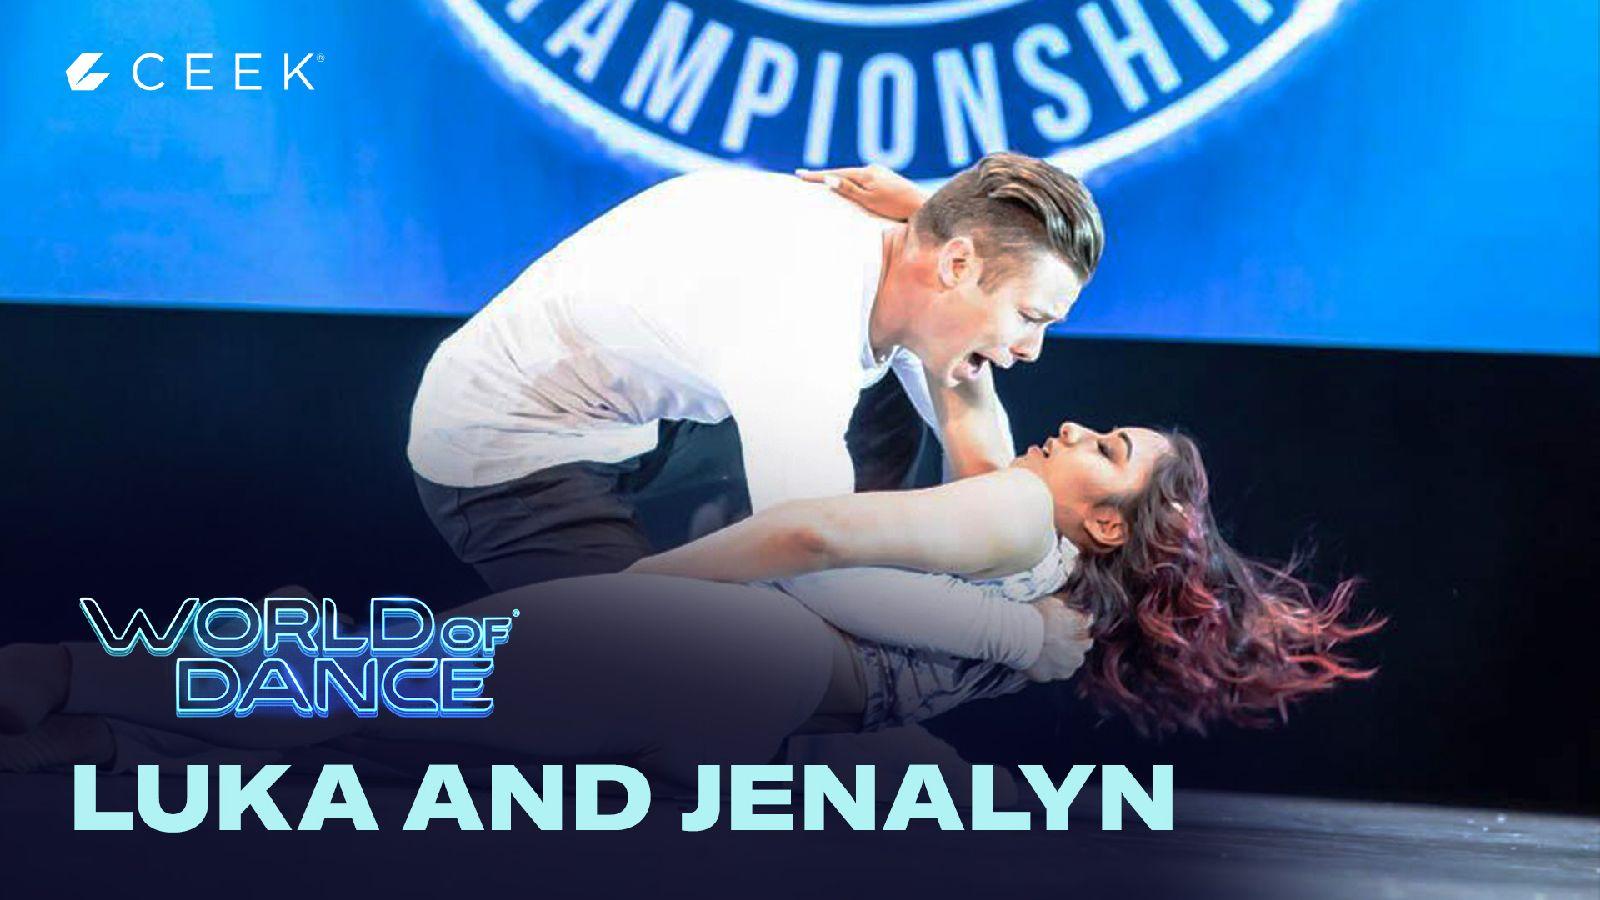 Luka and Jenalyn ceek.com